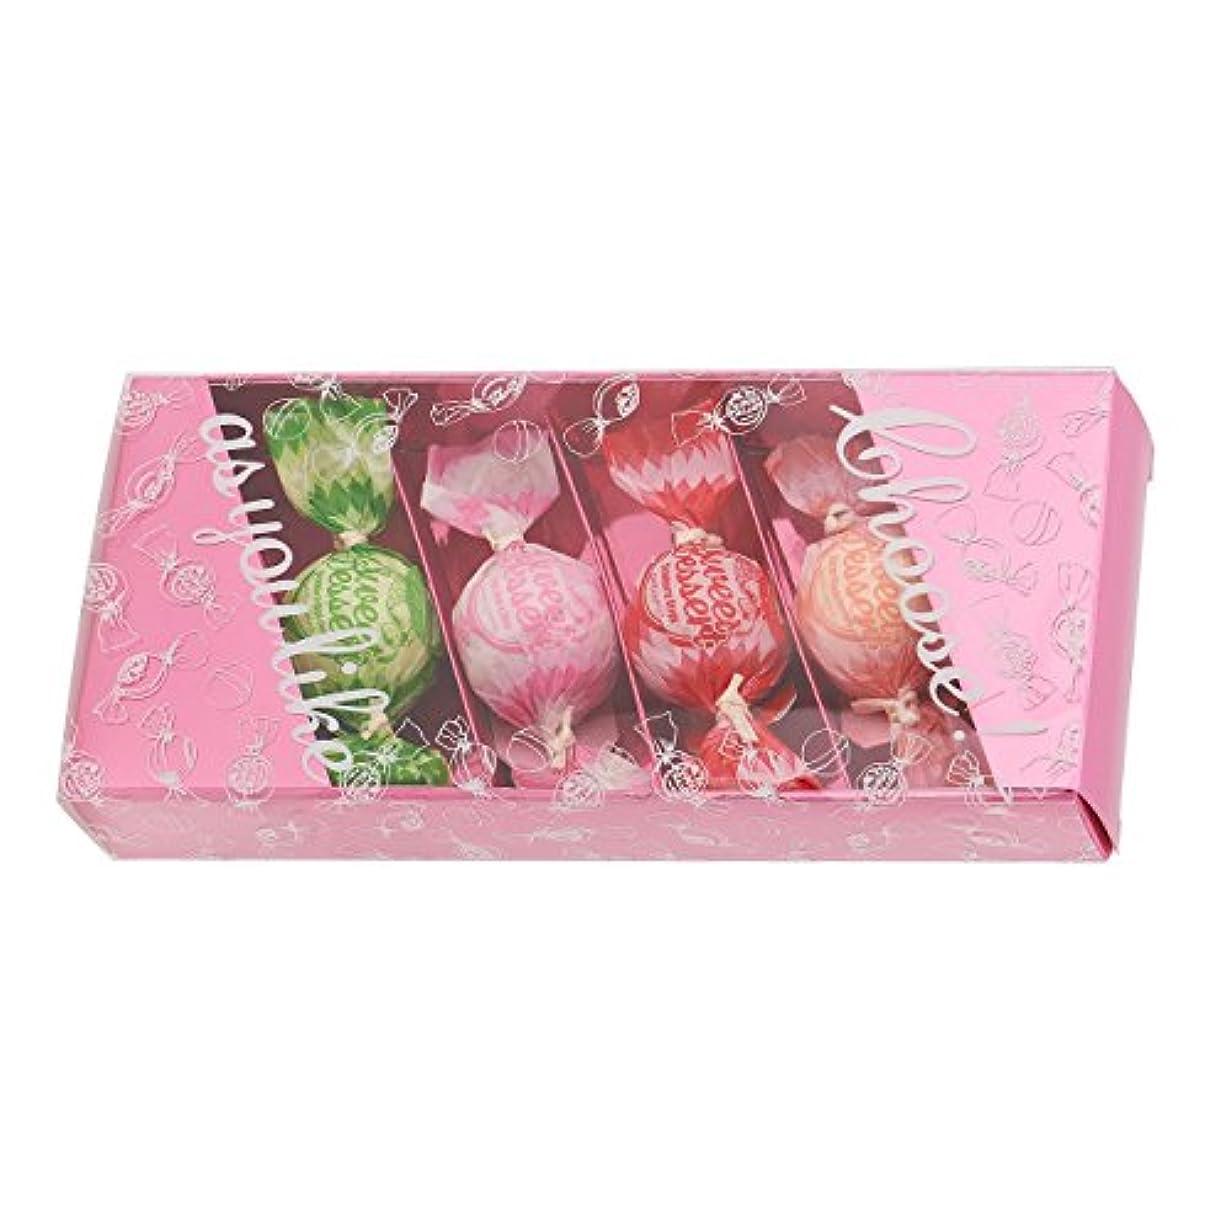 帽子渇きぴかぴかアマイワナ バスキャンディー4粒ギフトセット(35g×4個) ピンク(発泡タイプ入浴料 バスギフト)